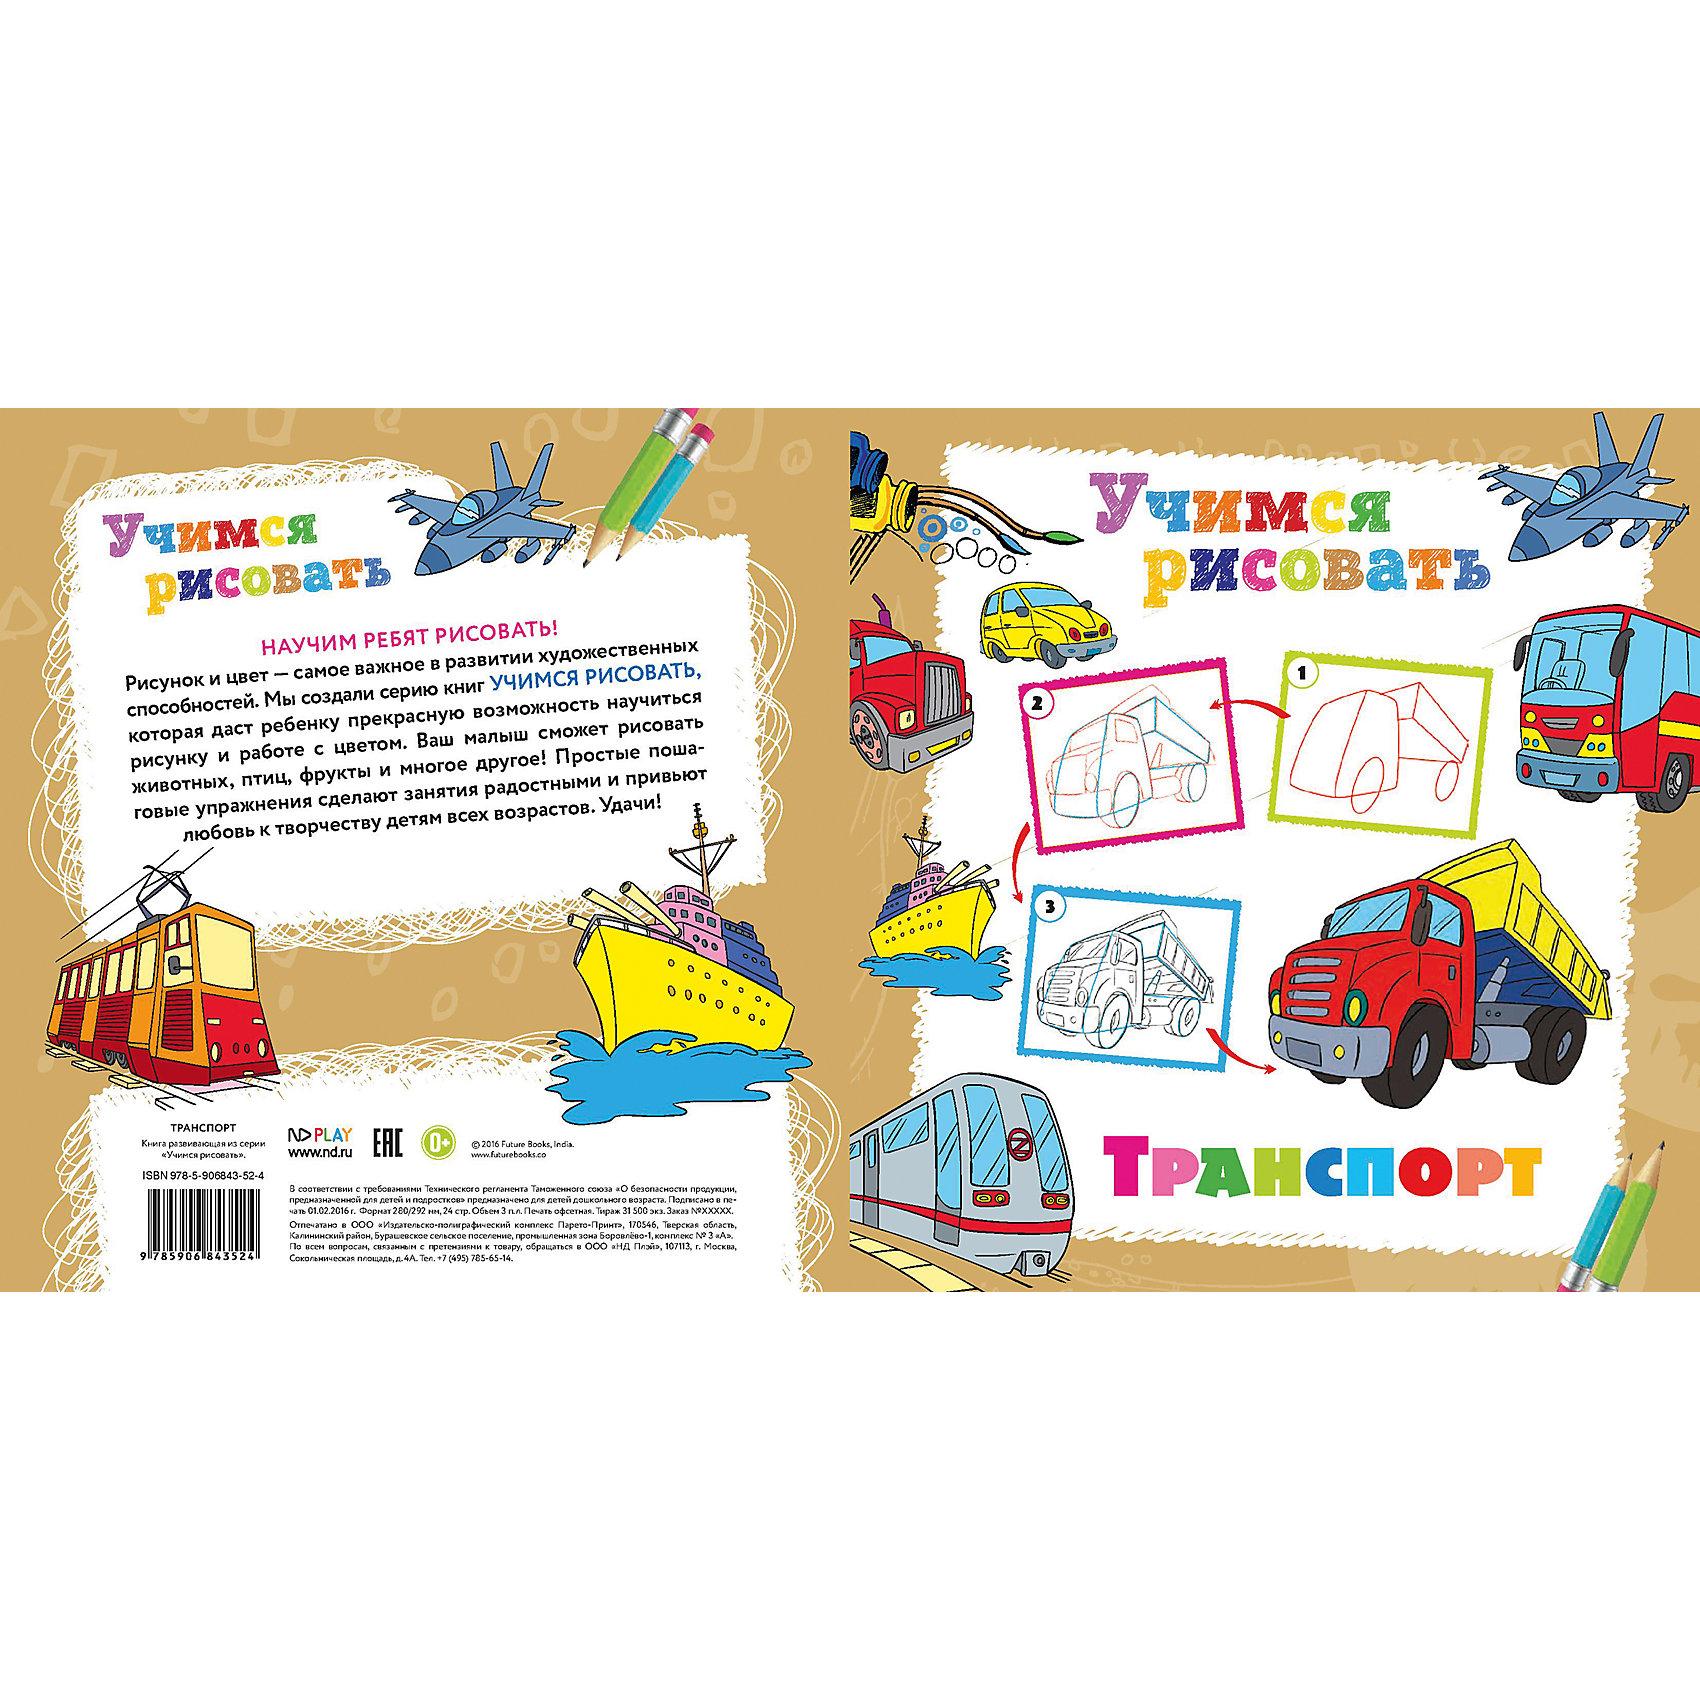 Книга Транспорт Учимся рисоватьКнига Транспорт Учимся рисовать – это уроки поэтапного рисования для детей.<br>Многие малыши обожают рисовать! Рисование и раскрашивание - это не только интересное, но и очень полезное занятие. С книгой-раскраской «Транспорт» серии «Учимся рисовать» заниматься рисованием очень весело. Ваш ребенок сможет научиться рисовать транспорт, воспользовавшись пошаговыми советами художника. Книга поможет развить внимательность, мелкую моторику, творческие способности.<br><br>Дополнительная информация:<br><br>- Издательство: Новый диск, 2016 г.<br>- Серия: Учимся рисовать<br>- Тип обложки: мягкий переплет (крепление скрепкой или клеем)<br>- Иллюстрации: цветные, черно-белые<br>- Количество страниц: 24 (офсет)<br>- Размер: 290x280x2 мм.<br>- Вес: 114 гр.<br><br>Книгу Транспорт Учимся рисовать можно купить в нашем интернет-магазине.<br><br>Ширина мм: 280<br>Глубина мм: 3<br>Высота мм: 290<br>Вес г: 112<br>Возраст от месяцев: 36<br>Возраст до месяцев: 84<br>Пол: Унисекс<br>Возраст: Детский<br>SKU: 4664443